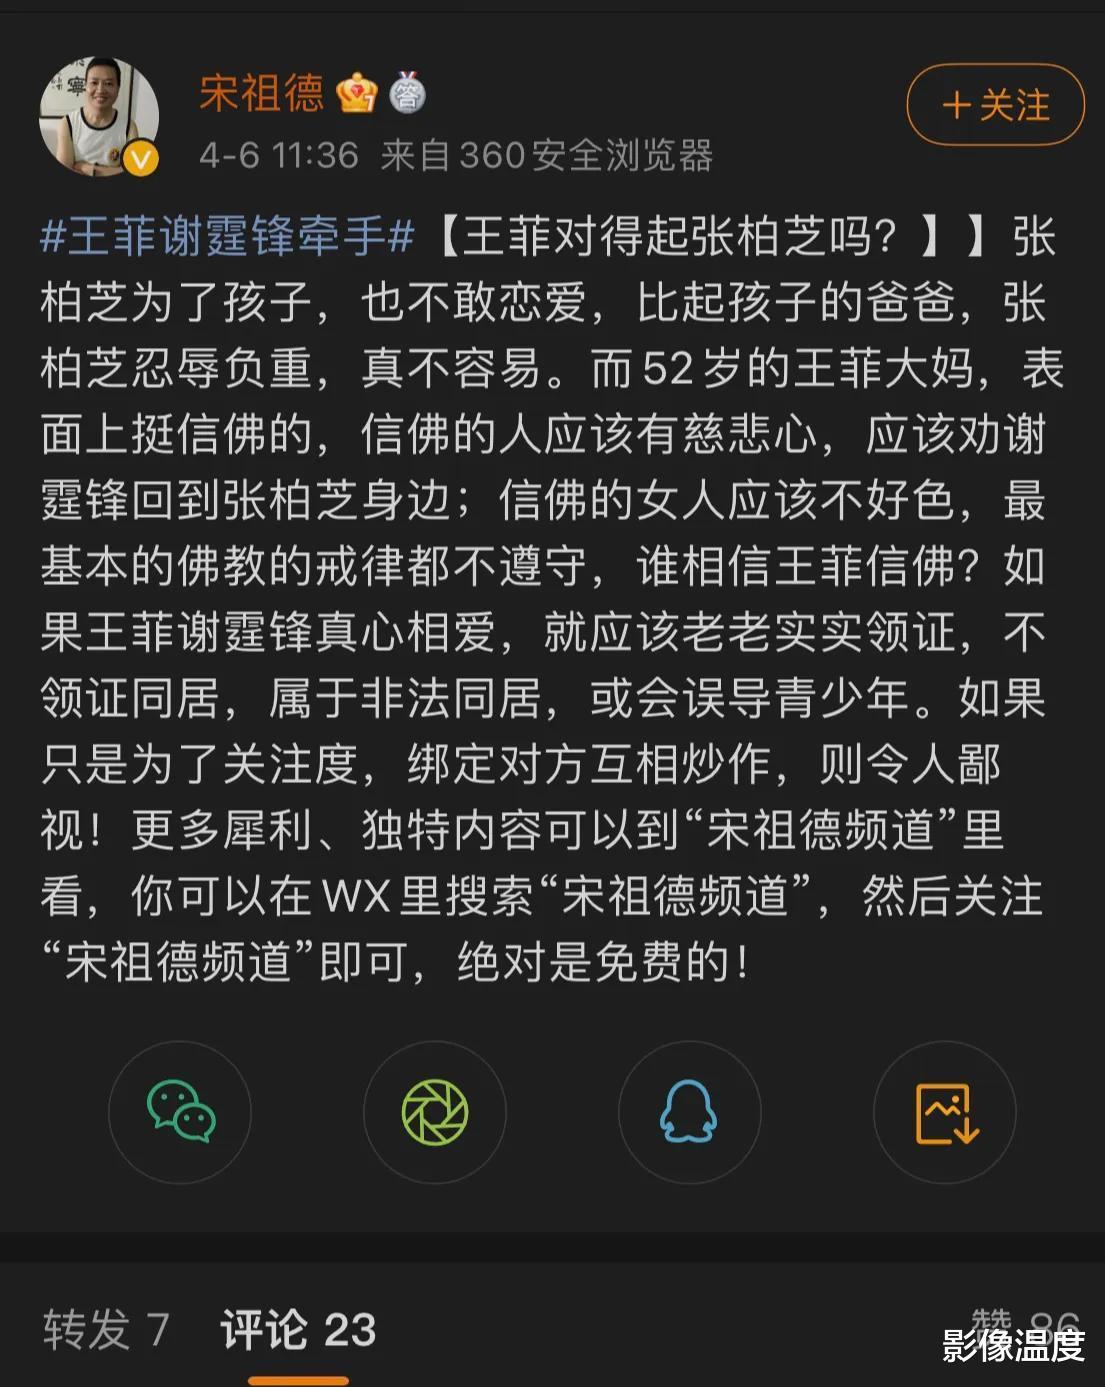 """斷言德雲社2024年倒閉,痛罵郭德綱:他為何如此""""狂妄囂張""""?-圖4"""